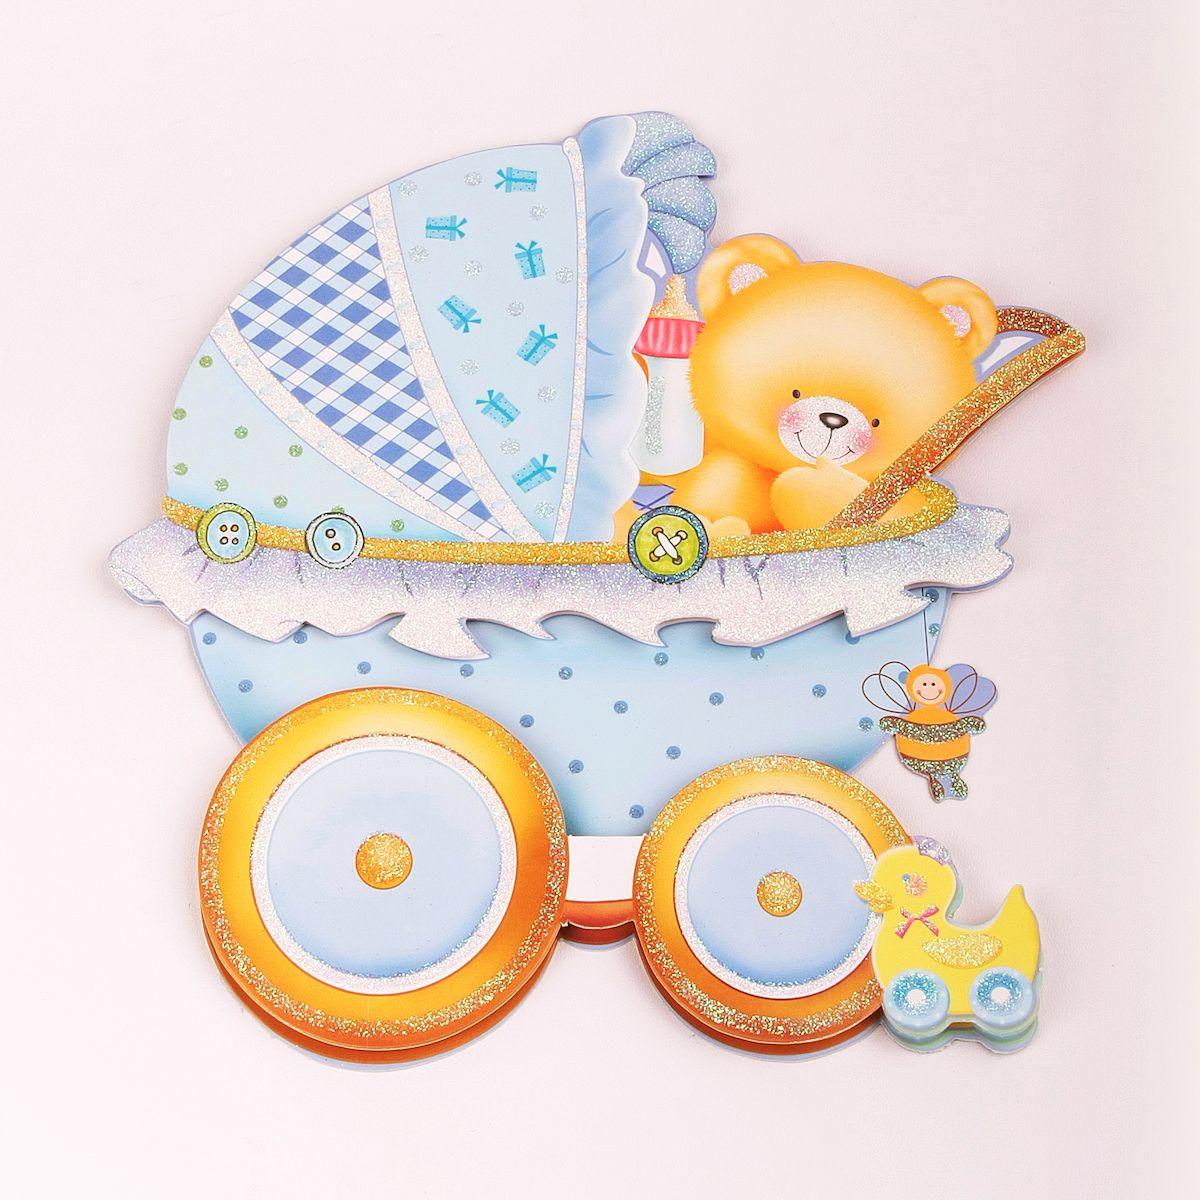 Наклейка декоративная Magic Home Мишка-малыш, 35,5 х 25 см31822Яркая, забавная наклейка украсит не только детскую комнату, но и станет отличным дополнением к любому подарку. Наклейку можно использовать как украшение стен и, например, фасадов шкафов и различных ящиков.